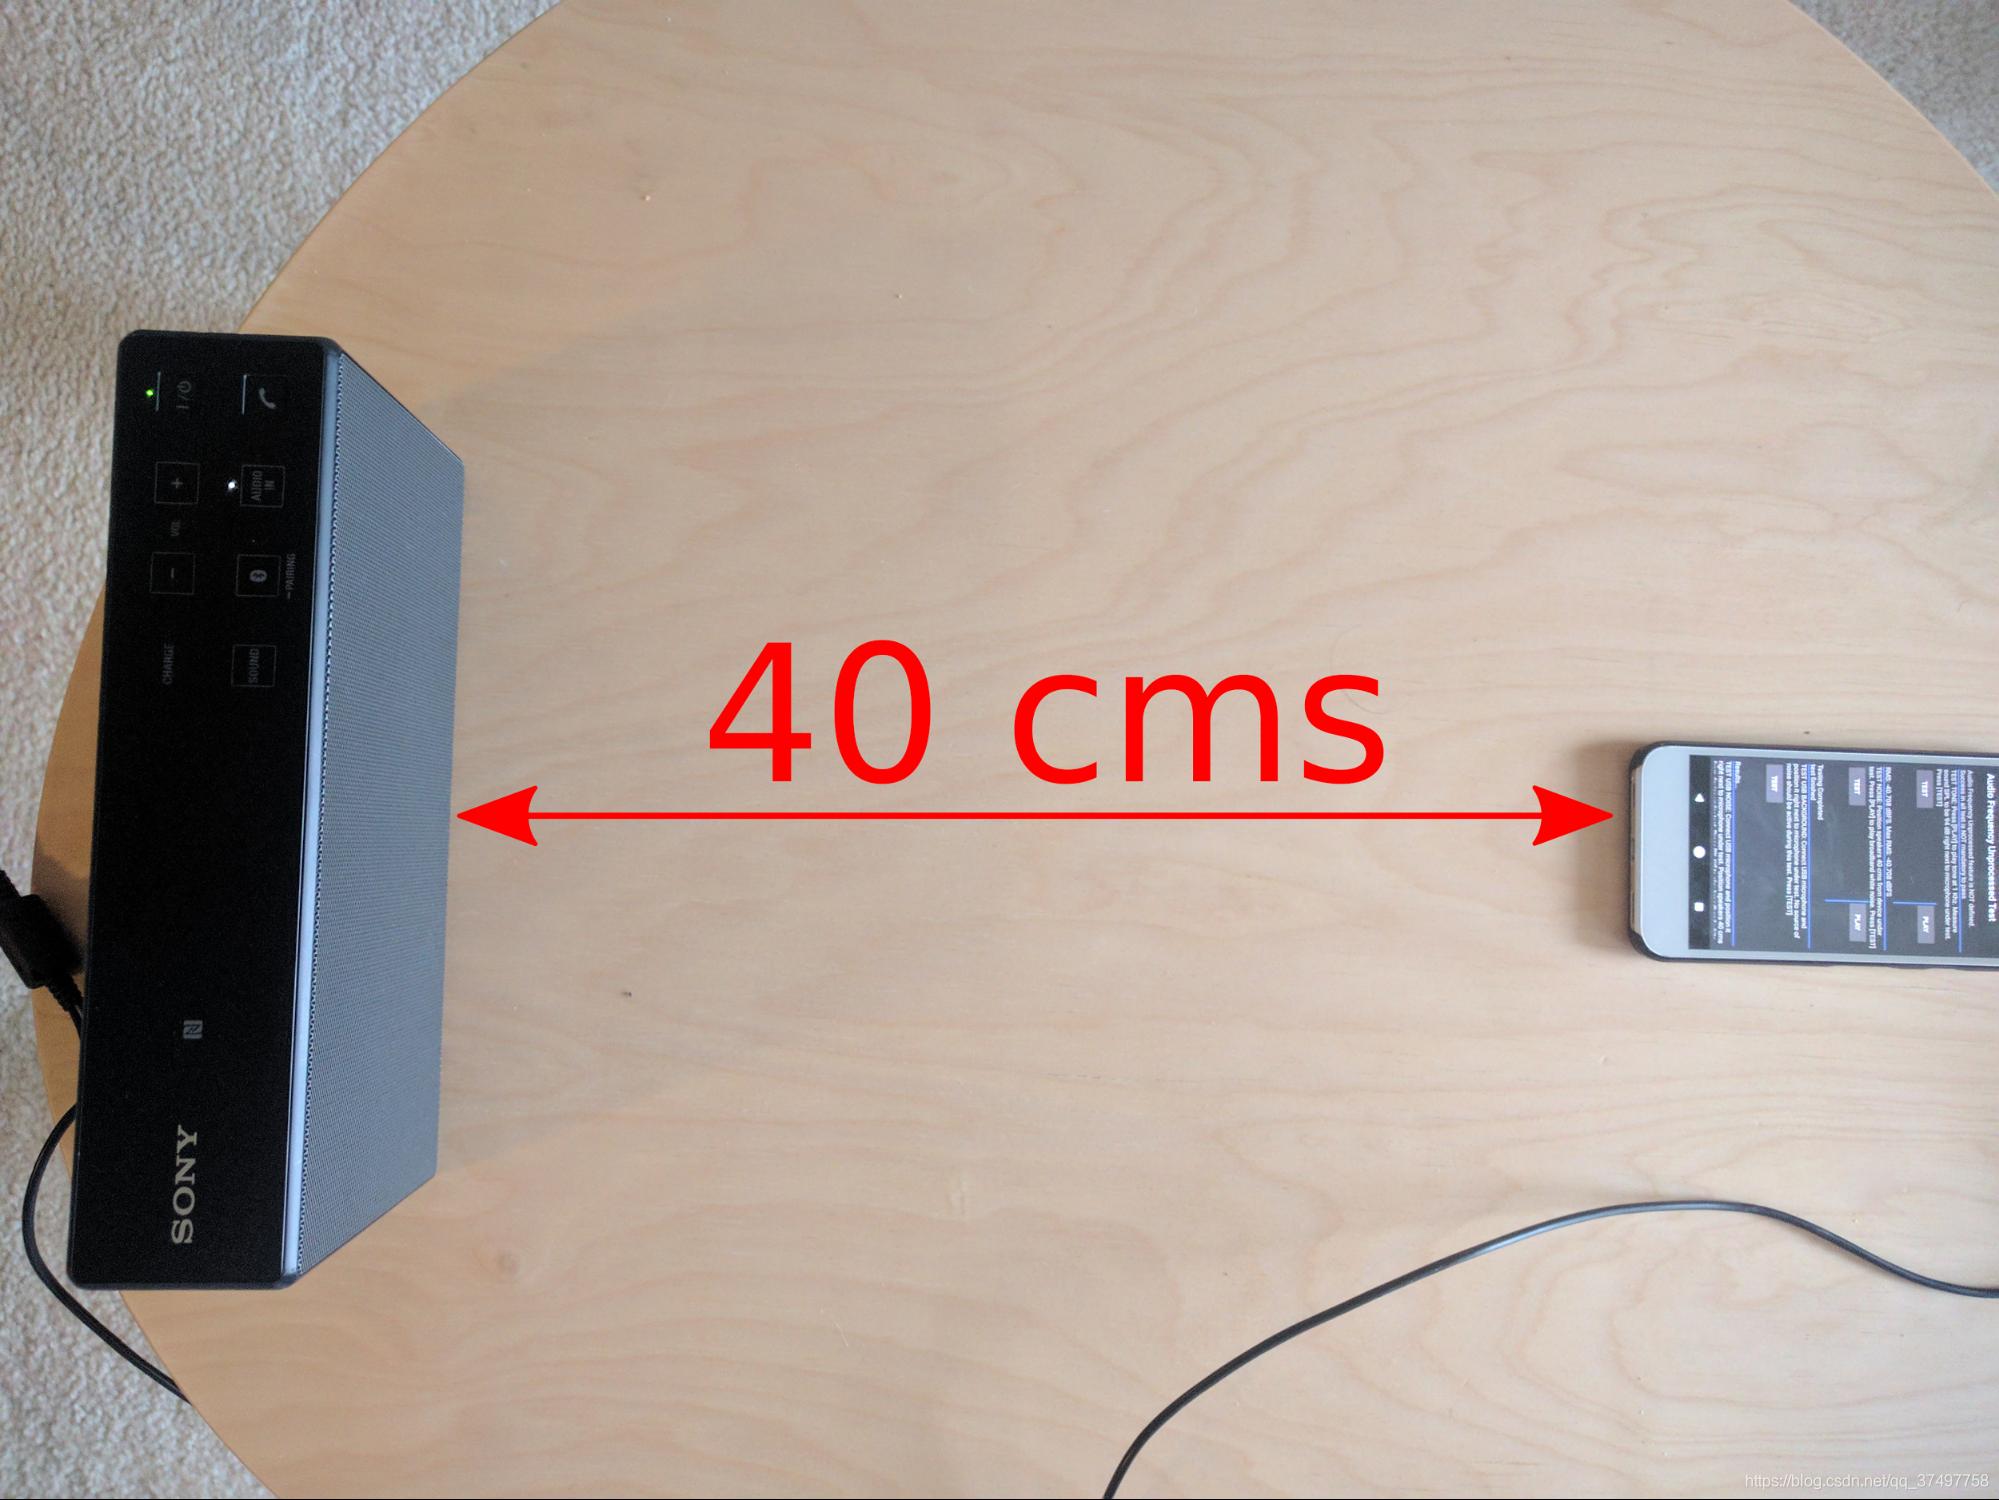 扬声器放置位置照片